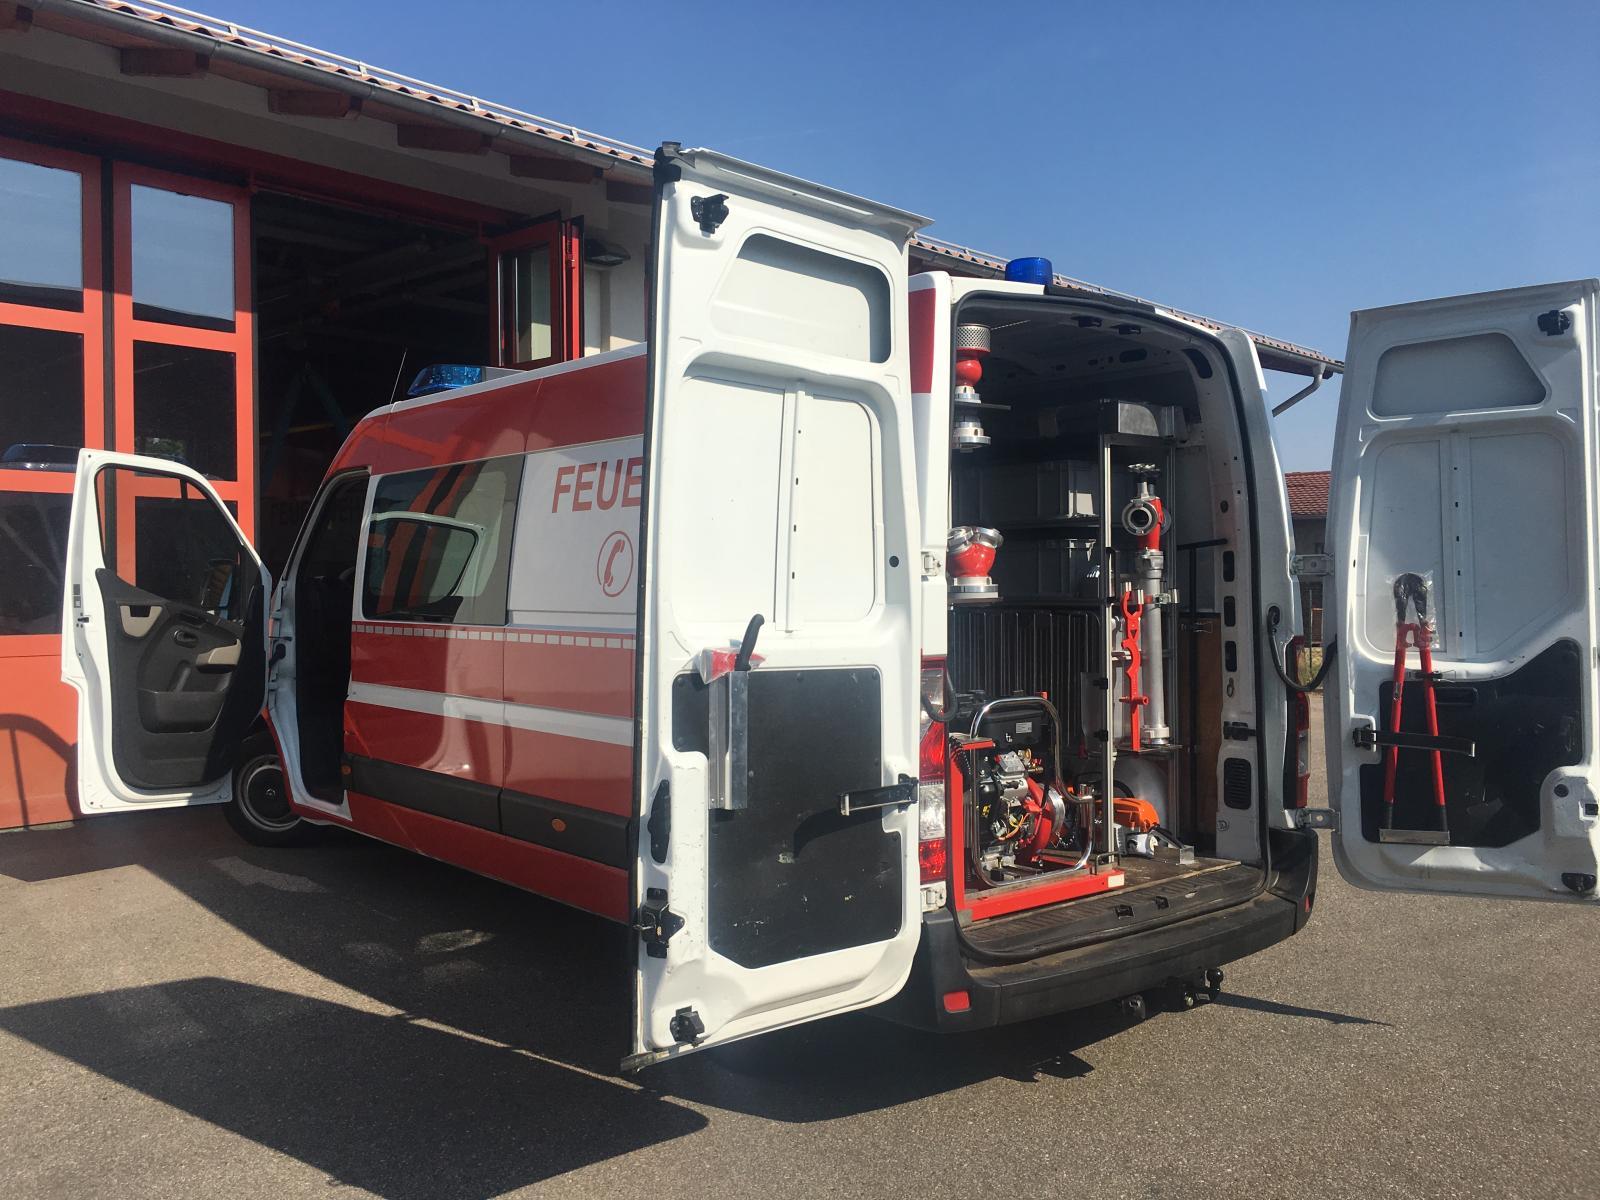 Feuerwehr Großwilsdorf